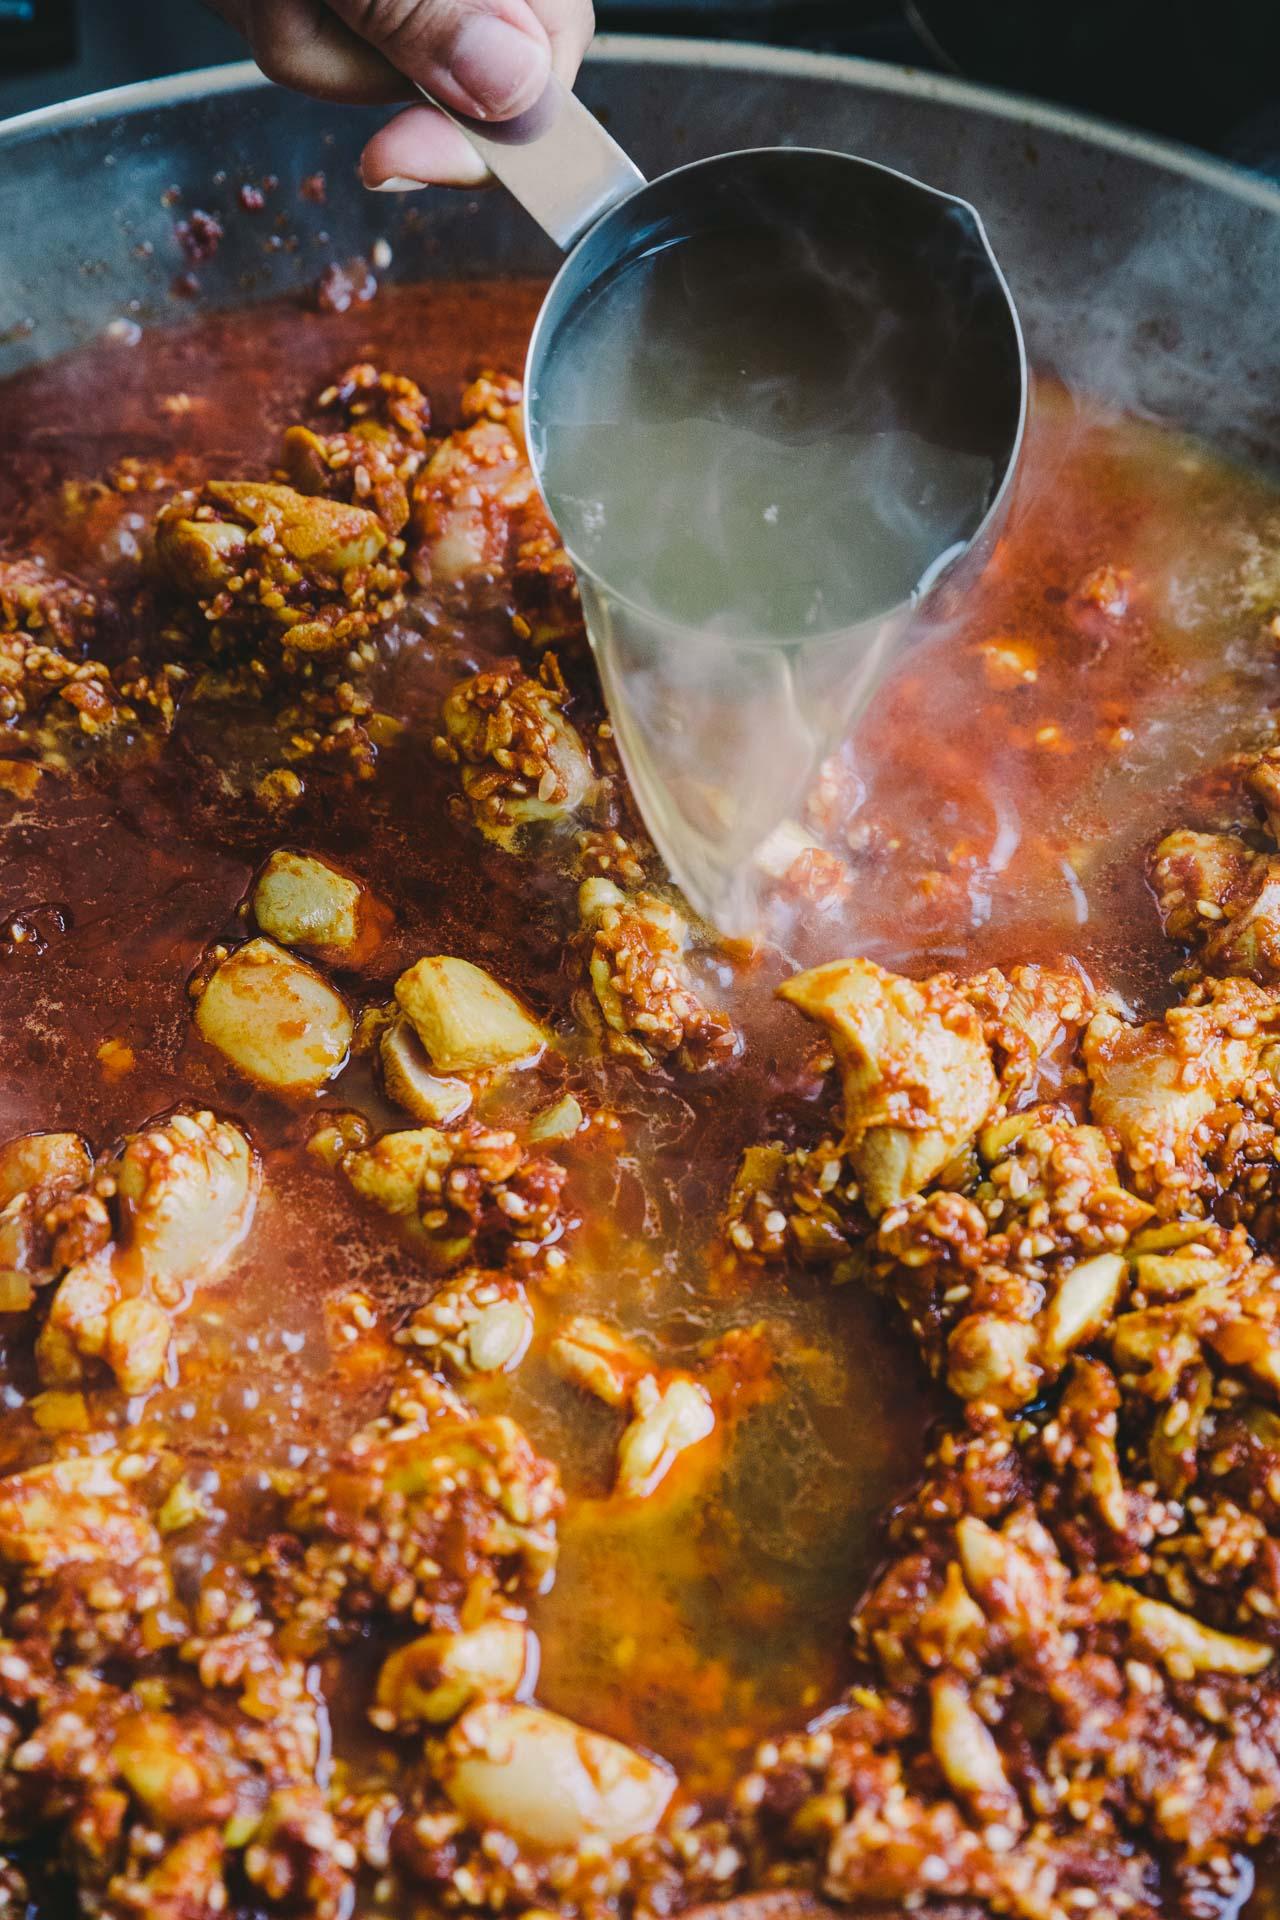 How to Make Paella at Home | HonestlyYUM (honestlyyum.com)